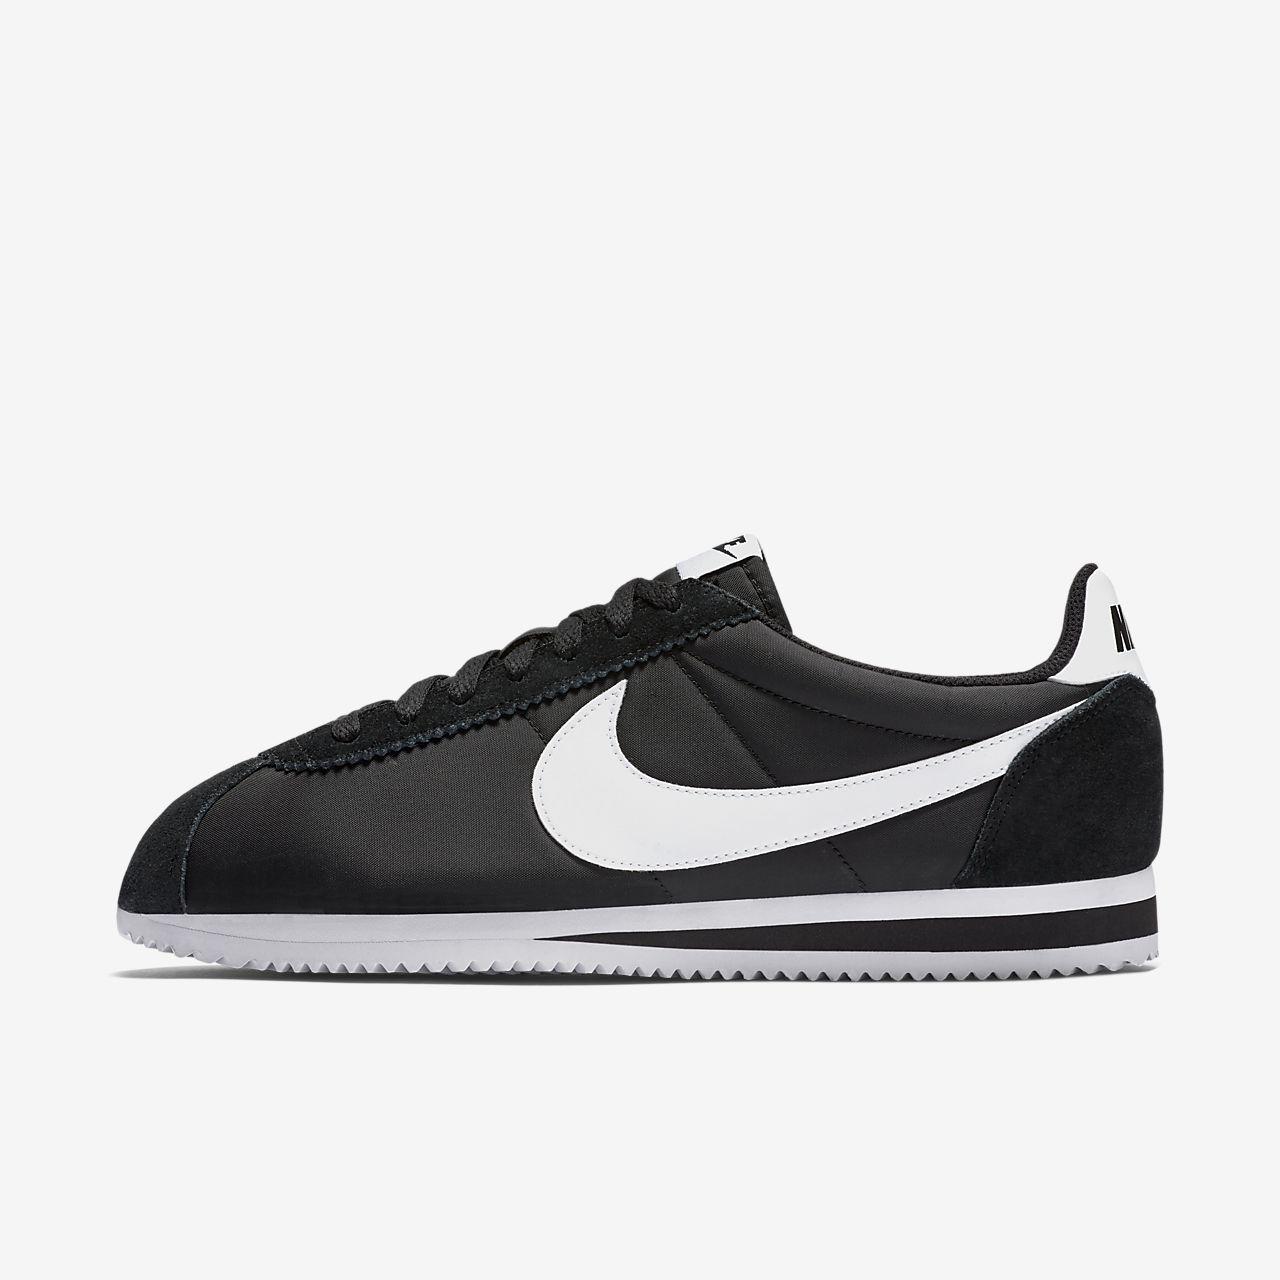 promo code ab3fc b29f6 ... Nike Classic Cortez Nylon Zapatillas - Unisex